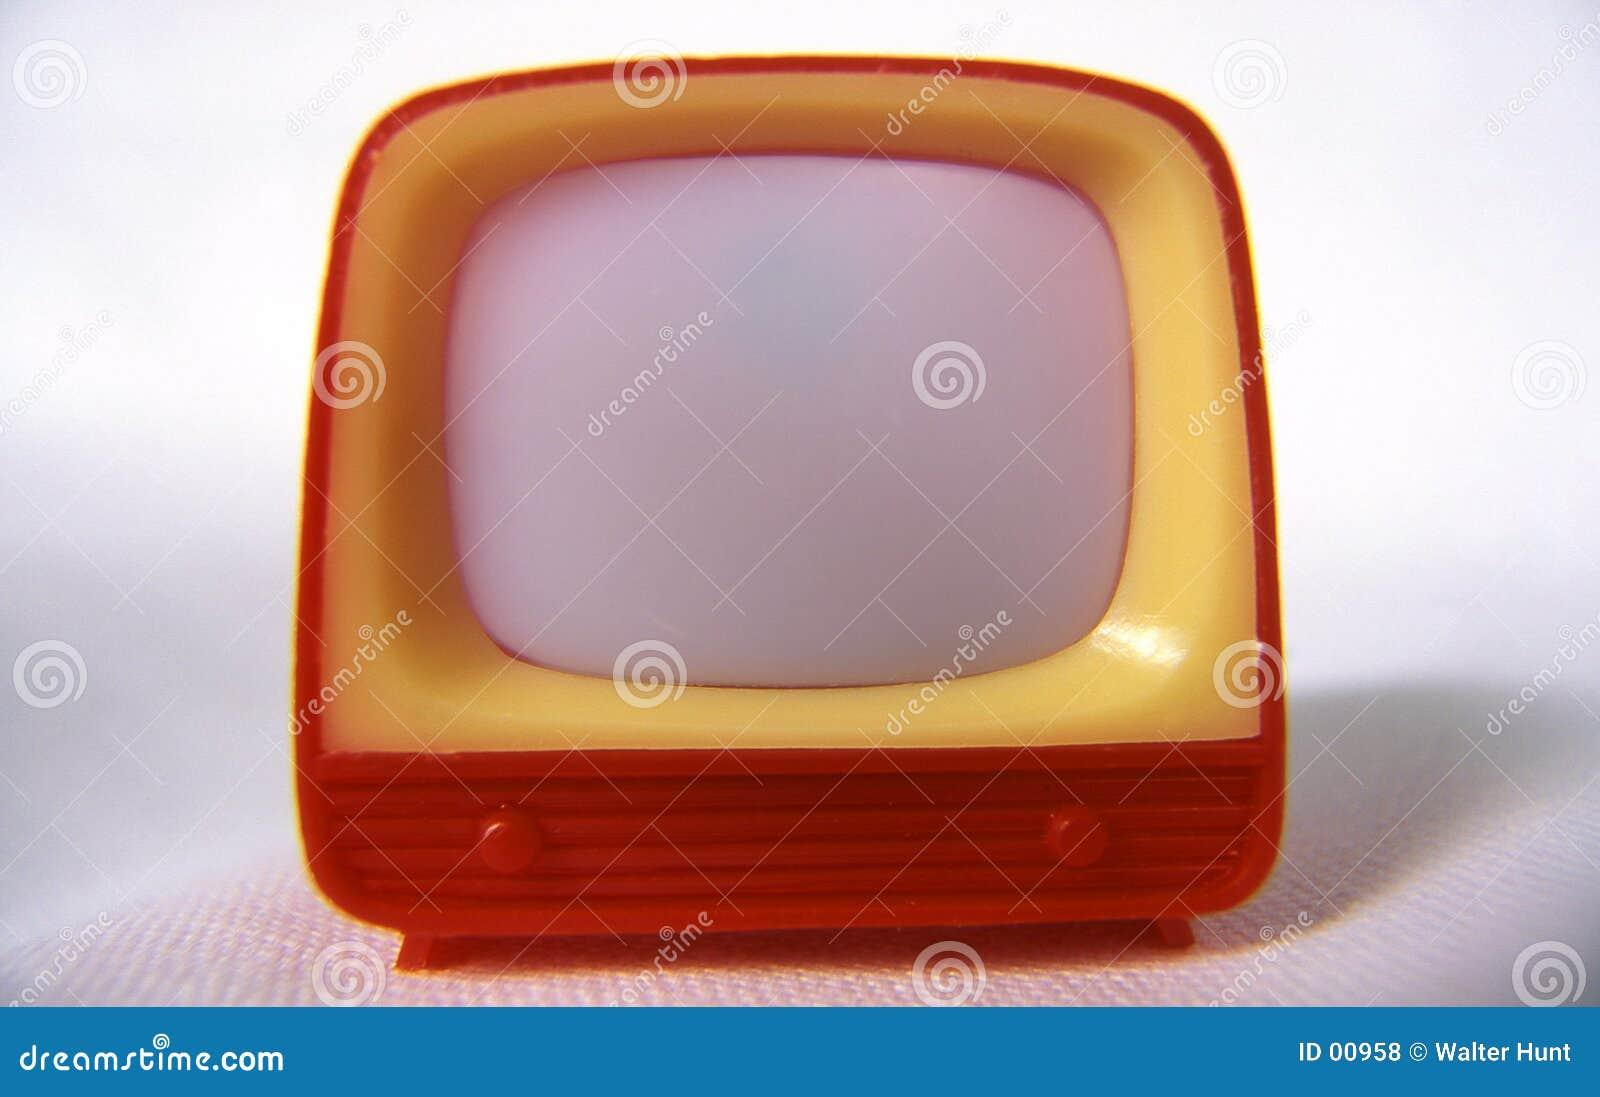 Televisione di plastica